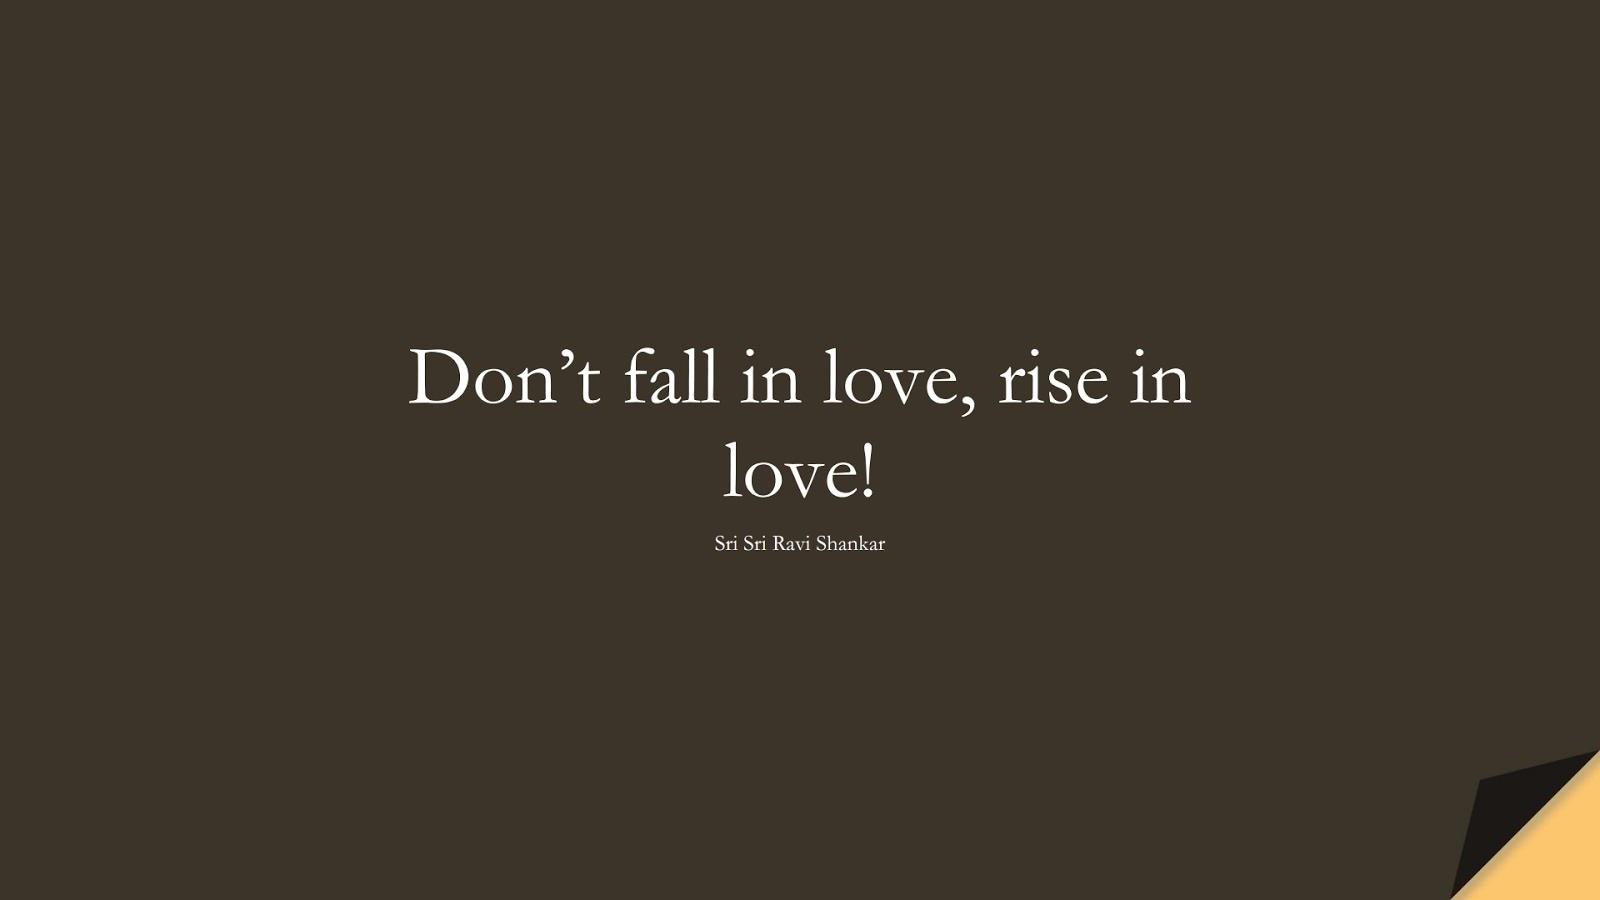 Don't fall in love, rise in love! (Sri Sri Ravi Shankar);  #LoveQuotes